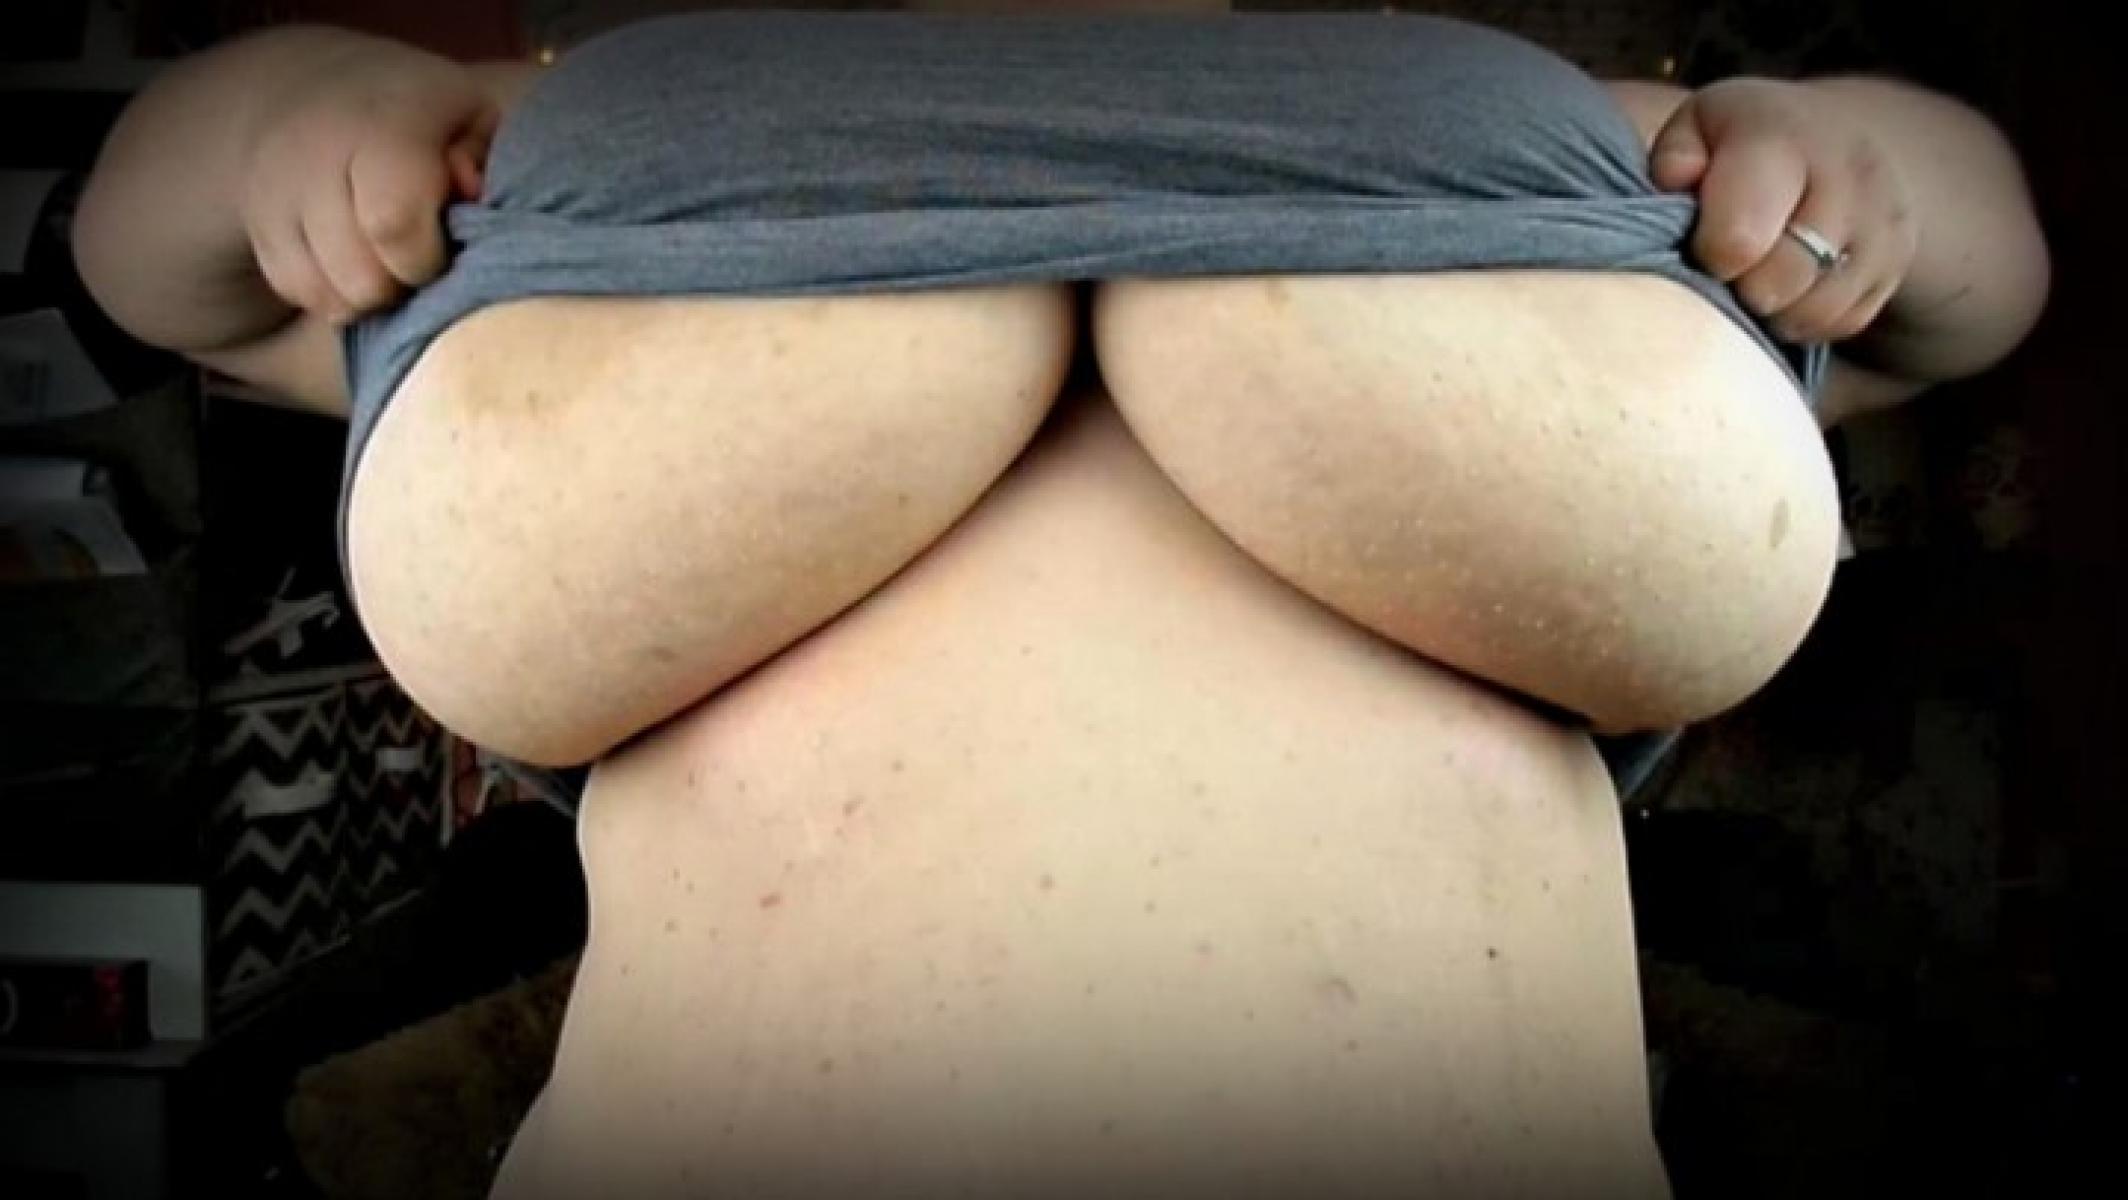 Massive Tits Drop